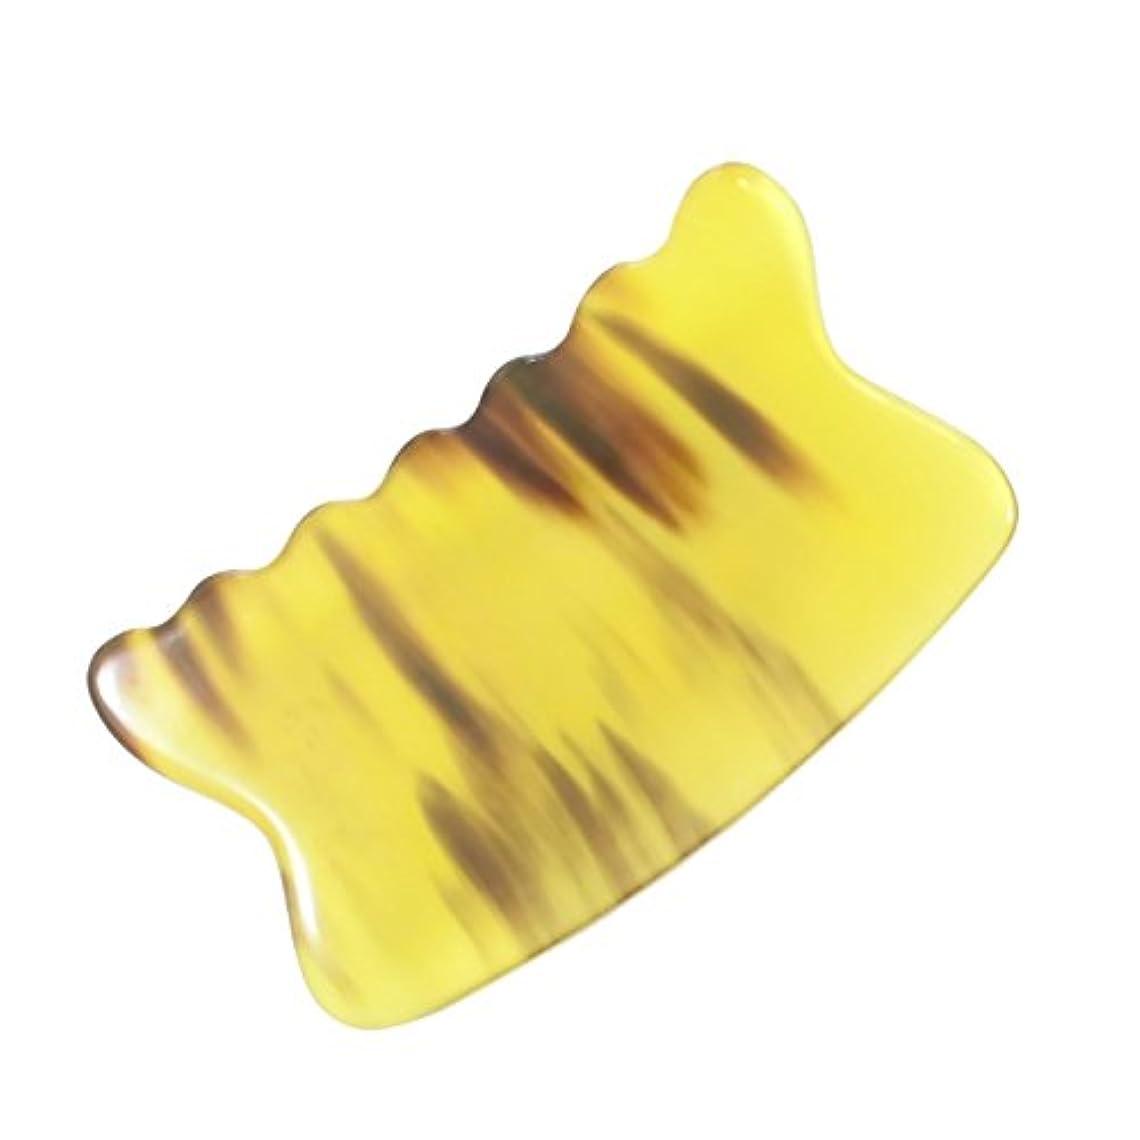 私達回路パックかっさ プレート 希少59 黄水牛角 極美品 曲波型